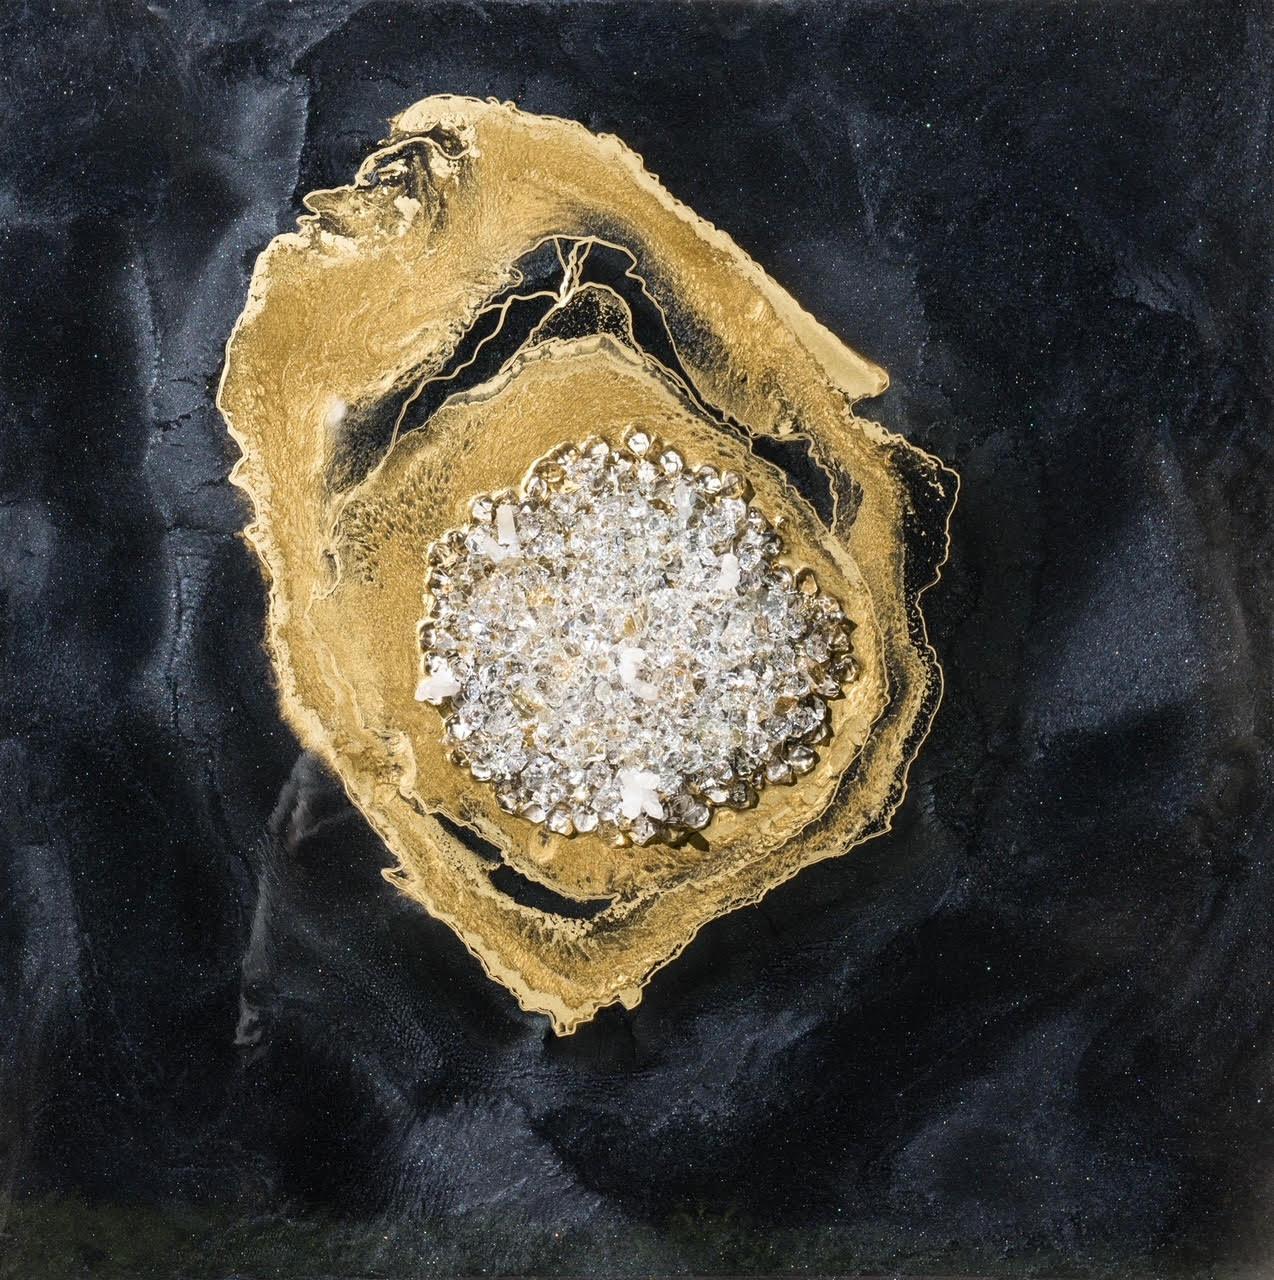 Geode Art Class [1 Day]